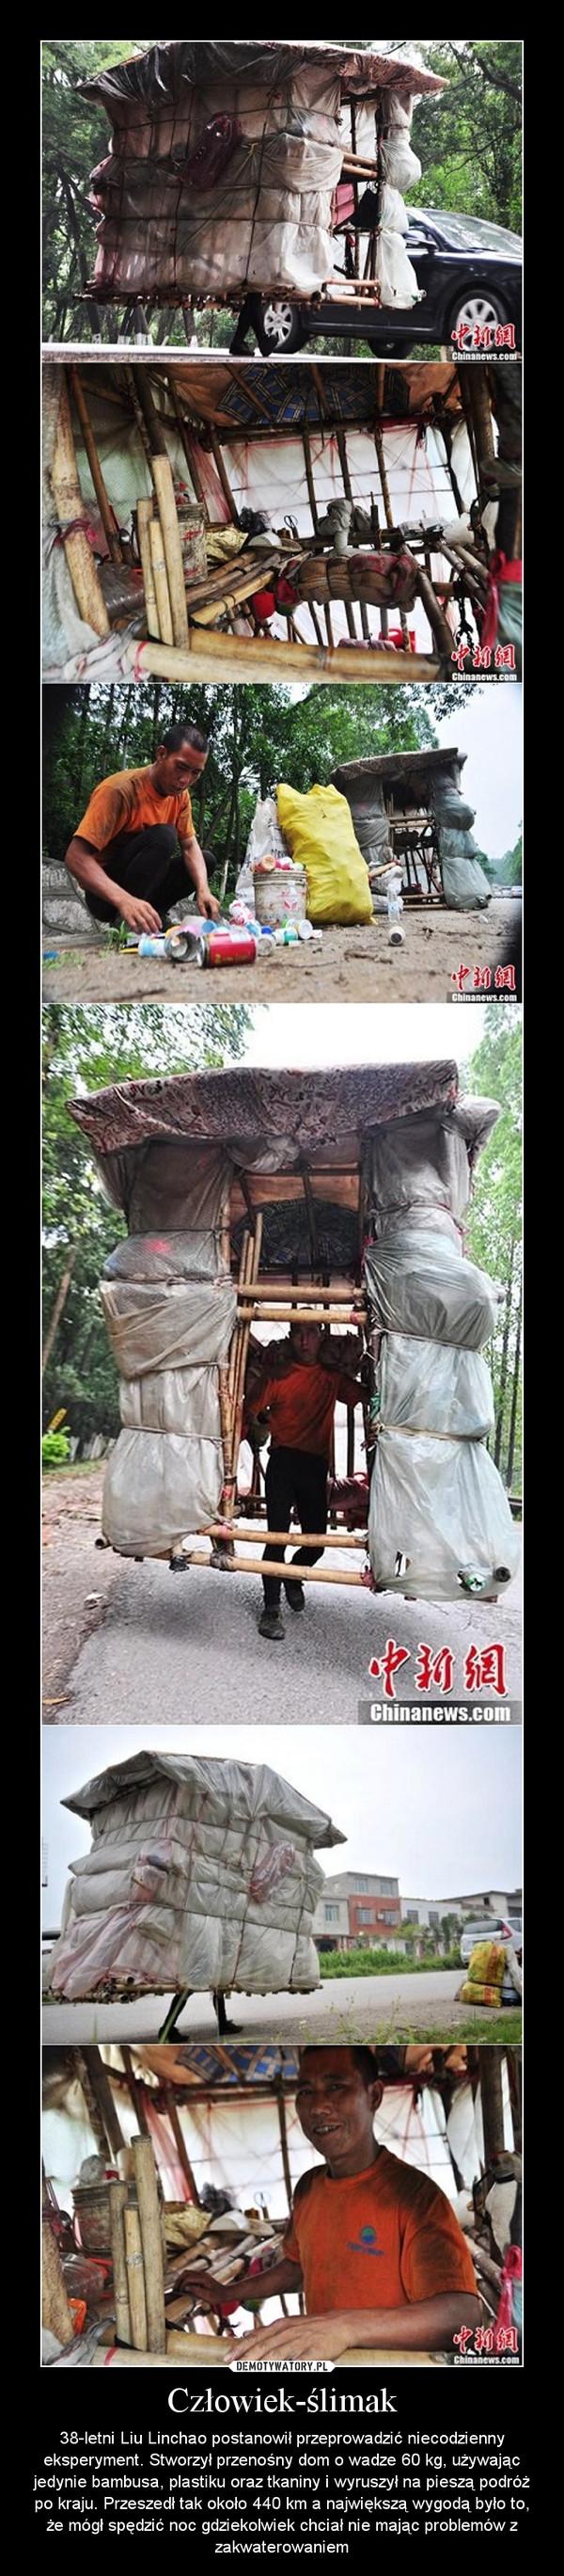 Człowiek-ślimak – 38-letni Liu Linchao postanowił przeprowadzić niecodzienny eksperyment. Stworzył przenośny dom o wadze 60 kg, używając jedynie bambusa, plastiku oraz tkaniny i wyruszył na pieszą podróż po kraju. Przeszedł tak około 440 km a największą wygodą było to, że mógł spędzić noc gdziekolwiek chciał nie mając problemów z zakwaterowaniem